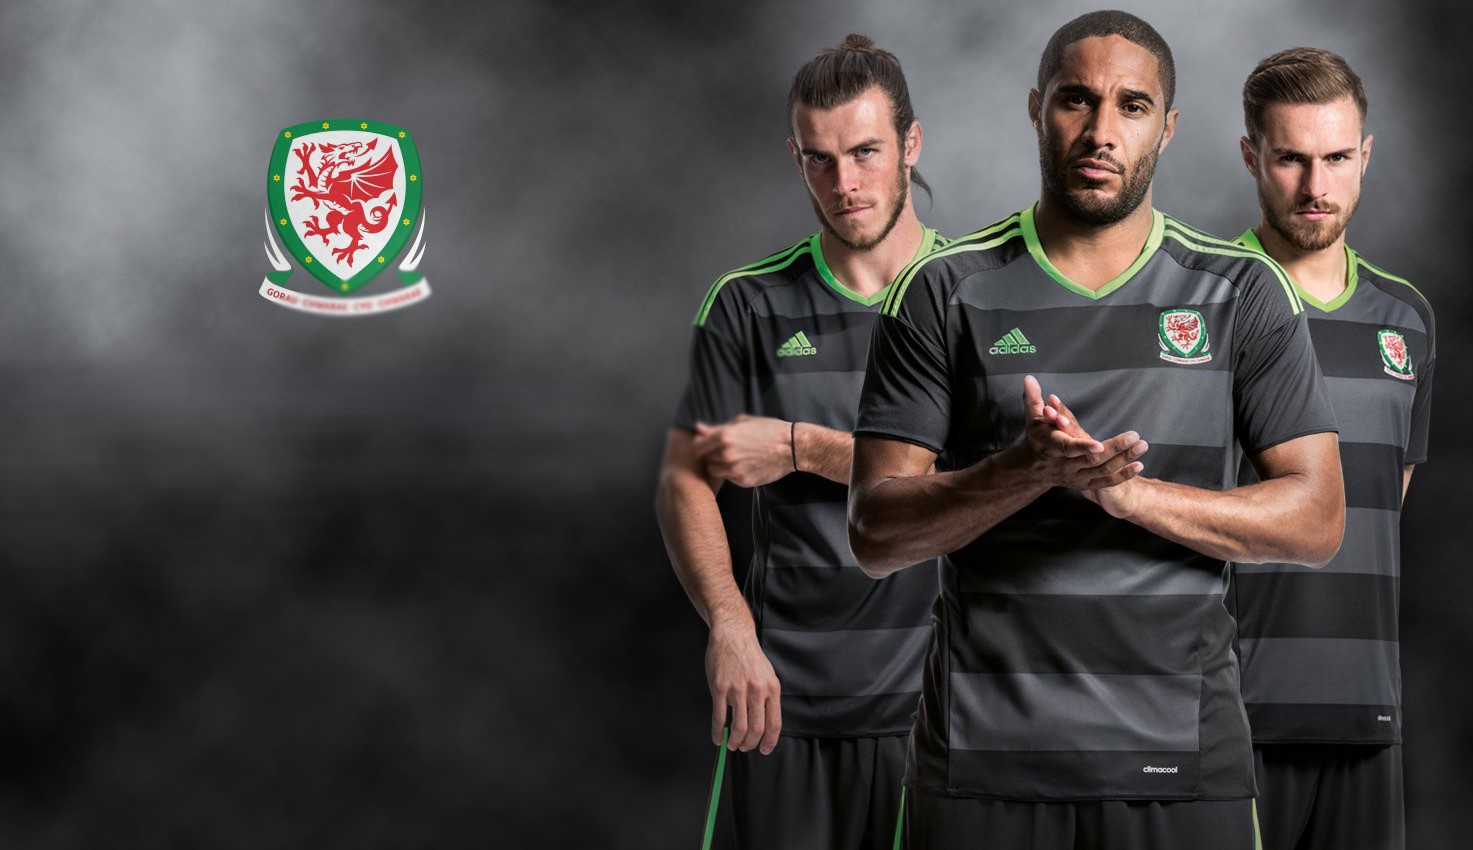 фото футбольной формы сборной уэльса